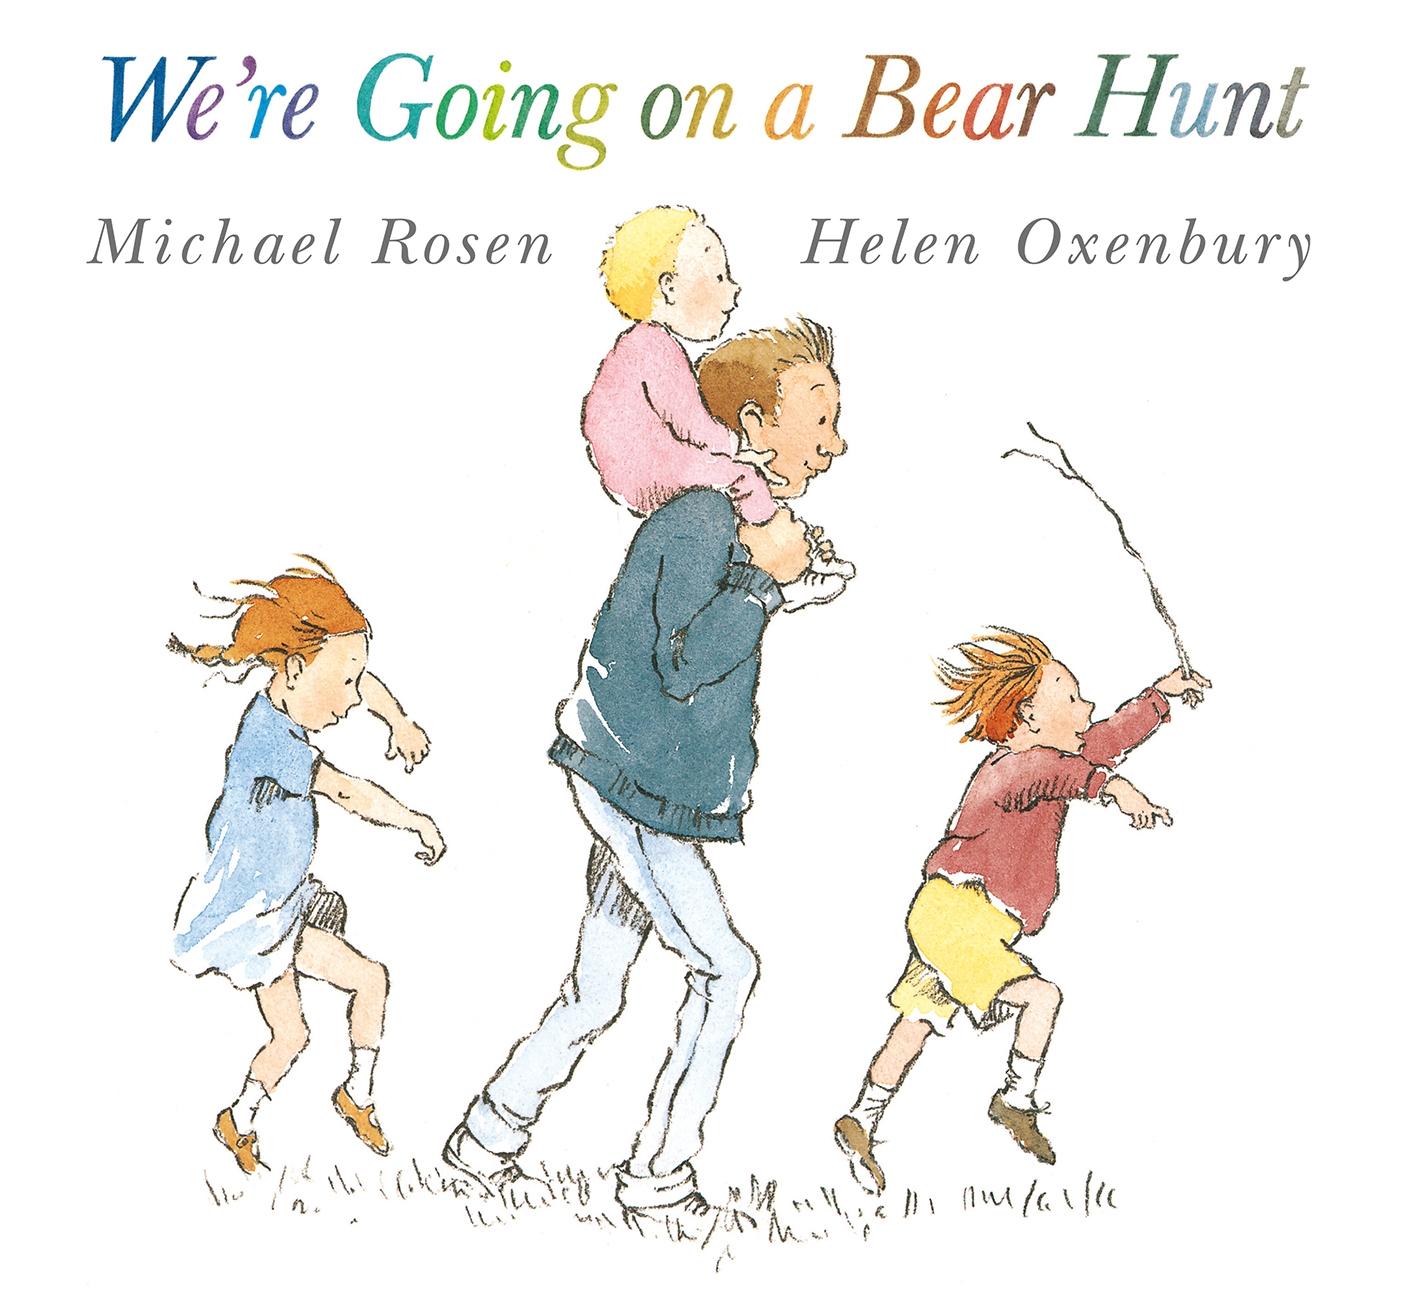 http://1.bp.blogspot.com/-ae0_CqcKnCI/UVTG6vKRQnI/AAAAAAAAC5w/vZRjDD8GPyk/s1600/Were-all-going-on-a-bear-hunt.jpg